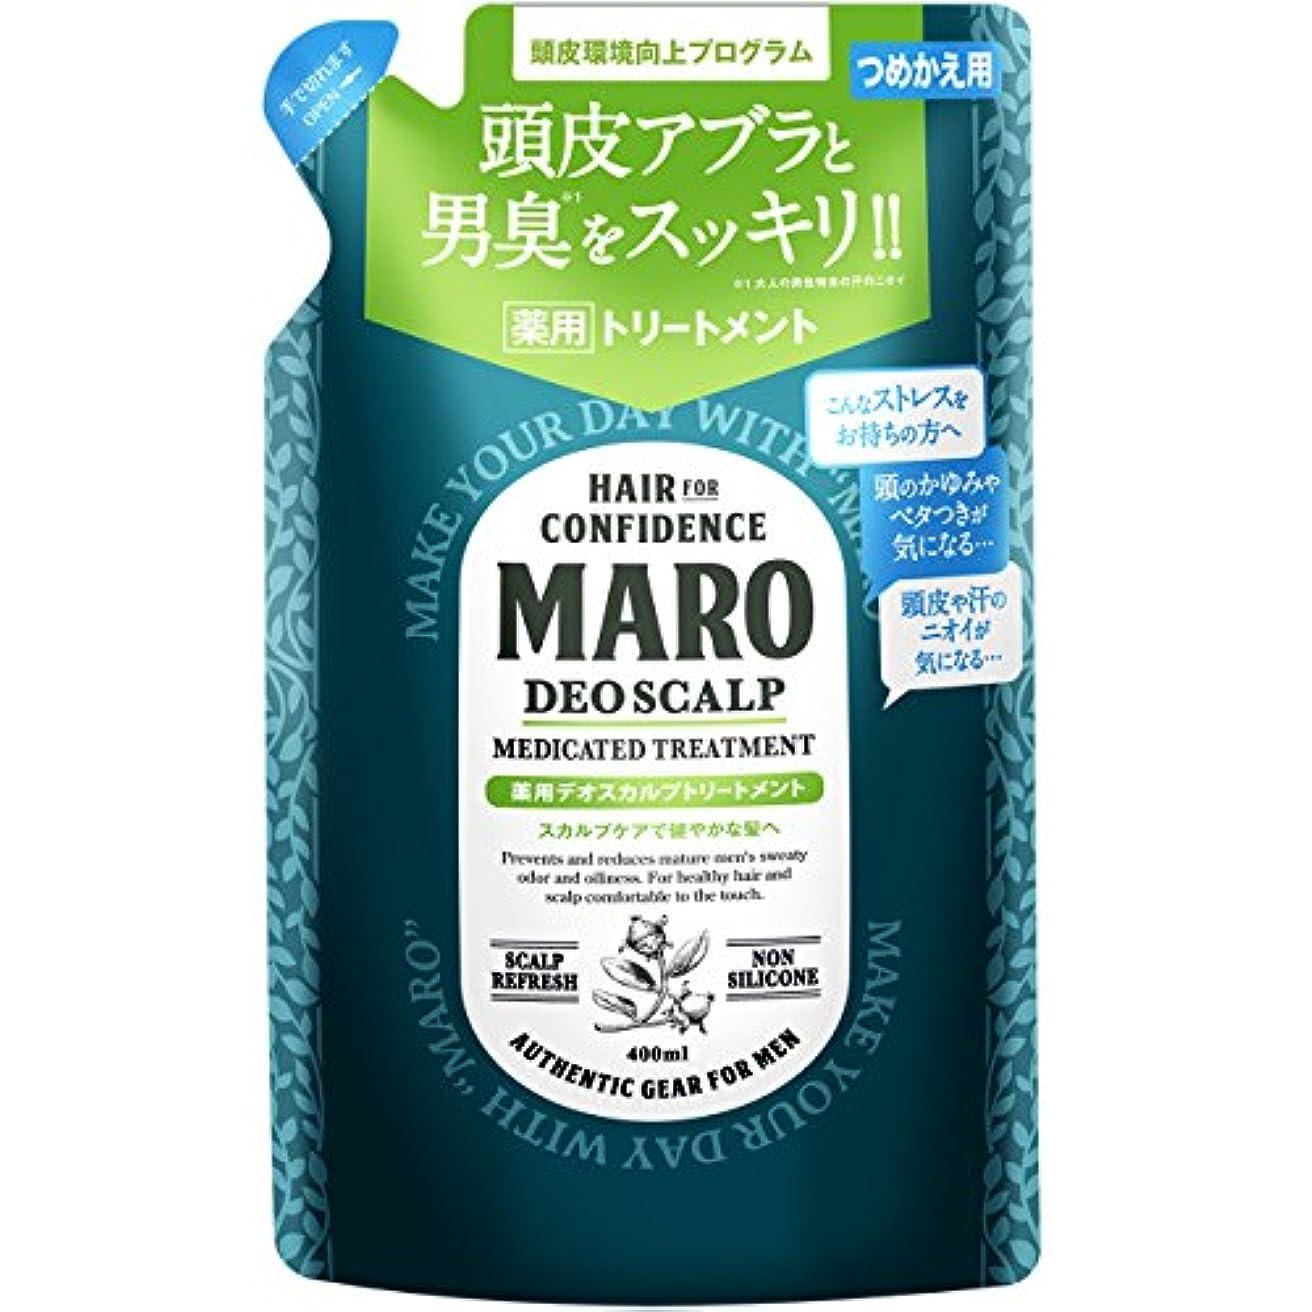 野菜序文承認するMARO 薬用 デオスカルプ トリートメント 詰め替え 400ml 【医薬部外品】